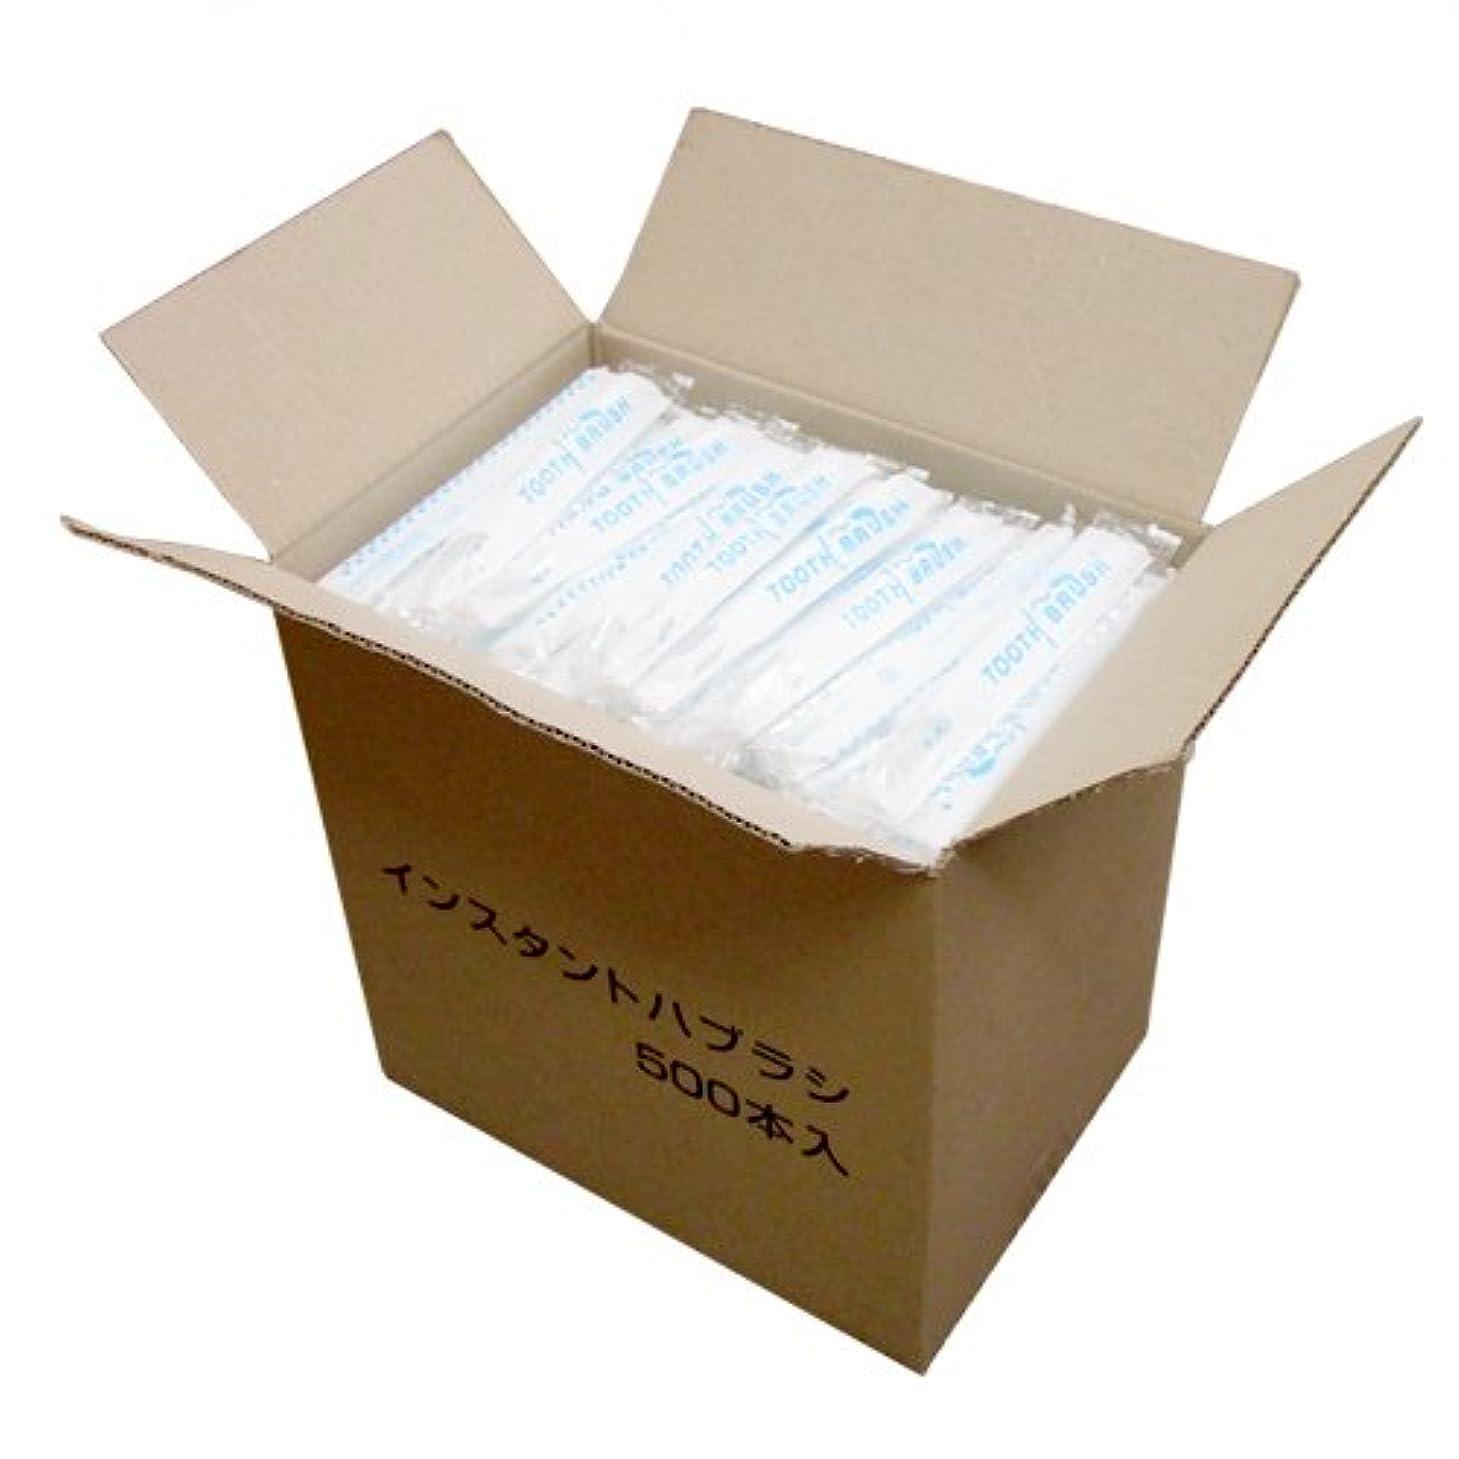 とても多くのみぞれ能力業務用 日本製 使い捨て粉付き歯ブラシ 個包装タイプ 500本入×8箱 (4000本入)│ホテルアメニティ